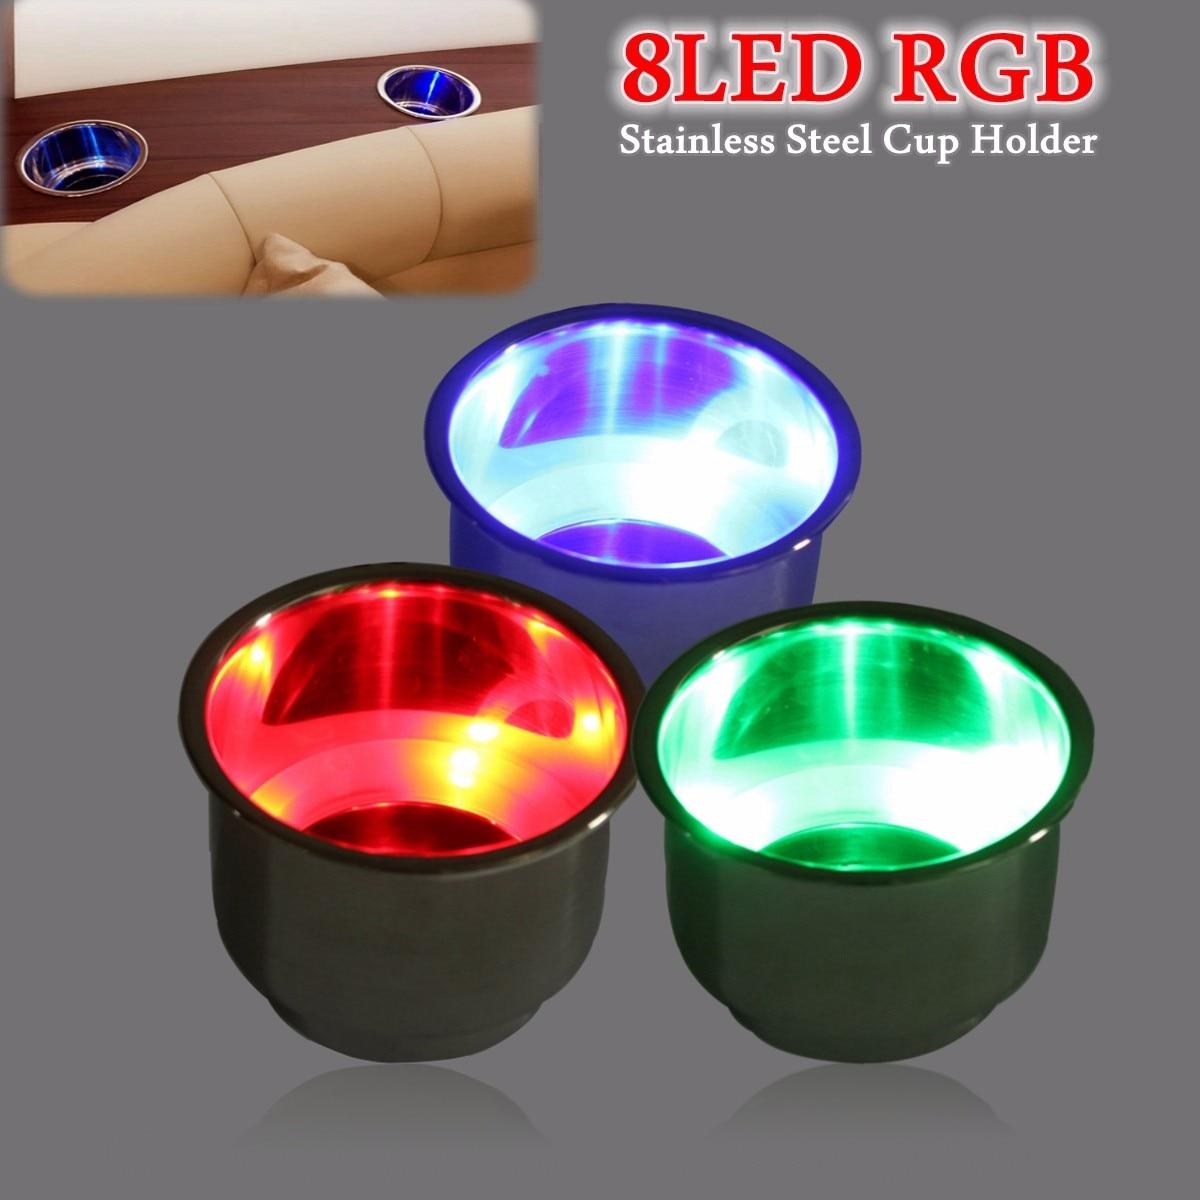 8 LED RGB Encastré En Acier Inoxydable Porte-Gobelet de Boisson Pour Marine Bateau De Voiture Pour Camping-Car